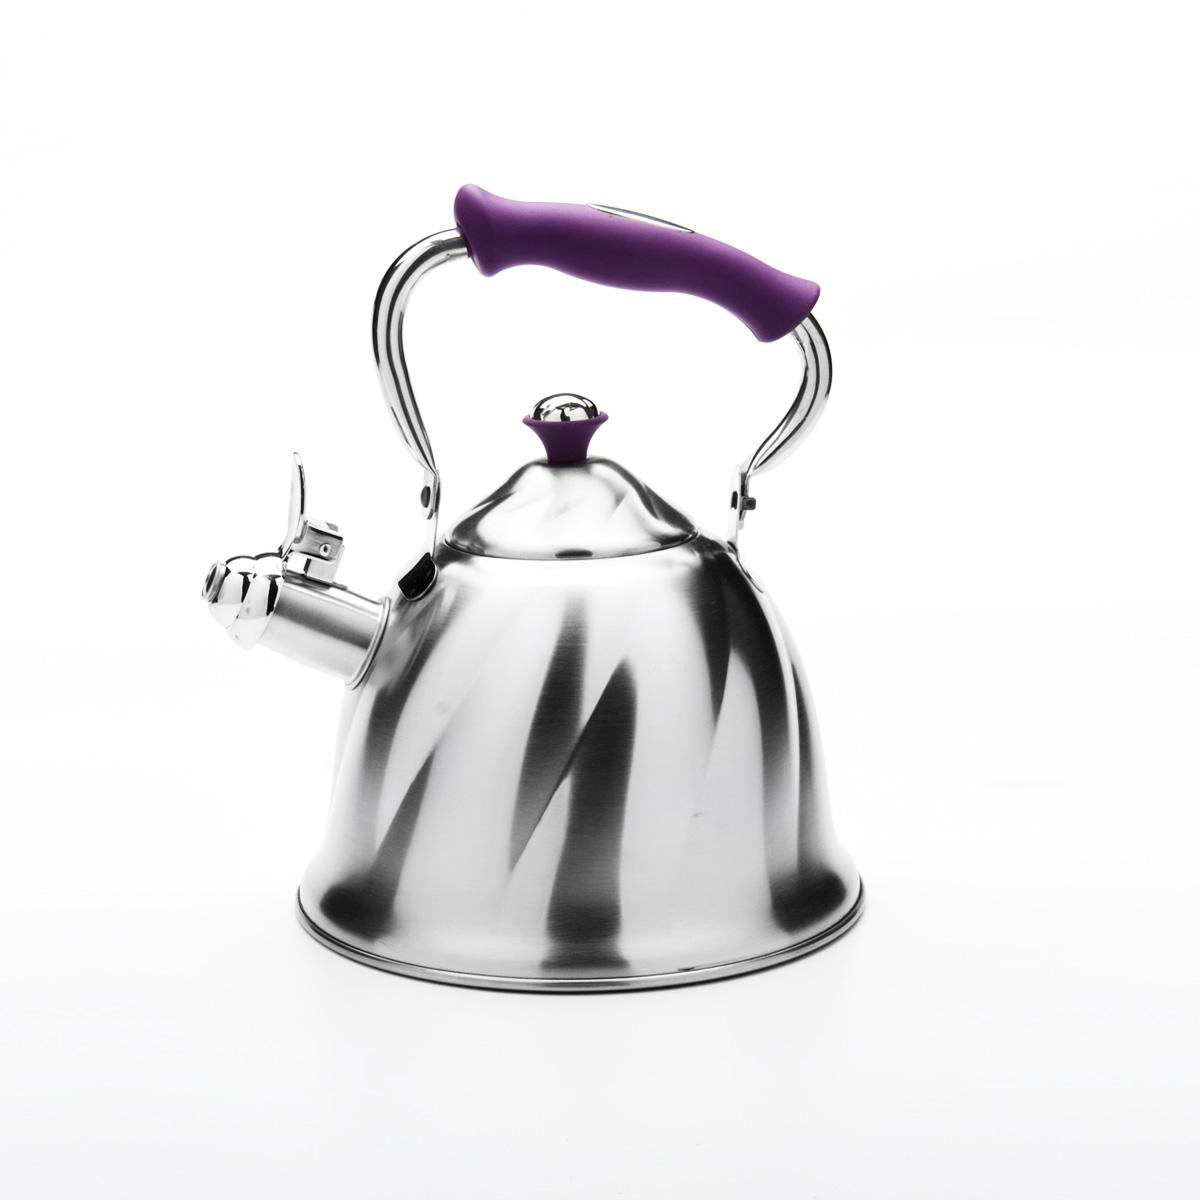 Чайник Mayer & Boch со свистком, цвет: фиолетовый, 3 л. 2377723777Чайник Mayer & Boch выполнен из высококачественной нержавеющей стали, что обеспечивает долговечность использования. Внешнее матовое покрытие придает приятный внешний вид. Фиксированная ручка из бакелита делает использование чайника очень удобным и безопасным. Чайник снабжен свистком и устройством для открывания носика. Можно мыть в посудомоечной машине. Пригоден для всех видов плит, кроме индукционных. Высота чайника (без учета крышки и ручки): 13 см. Диаметр основания: 21 см.